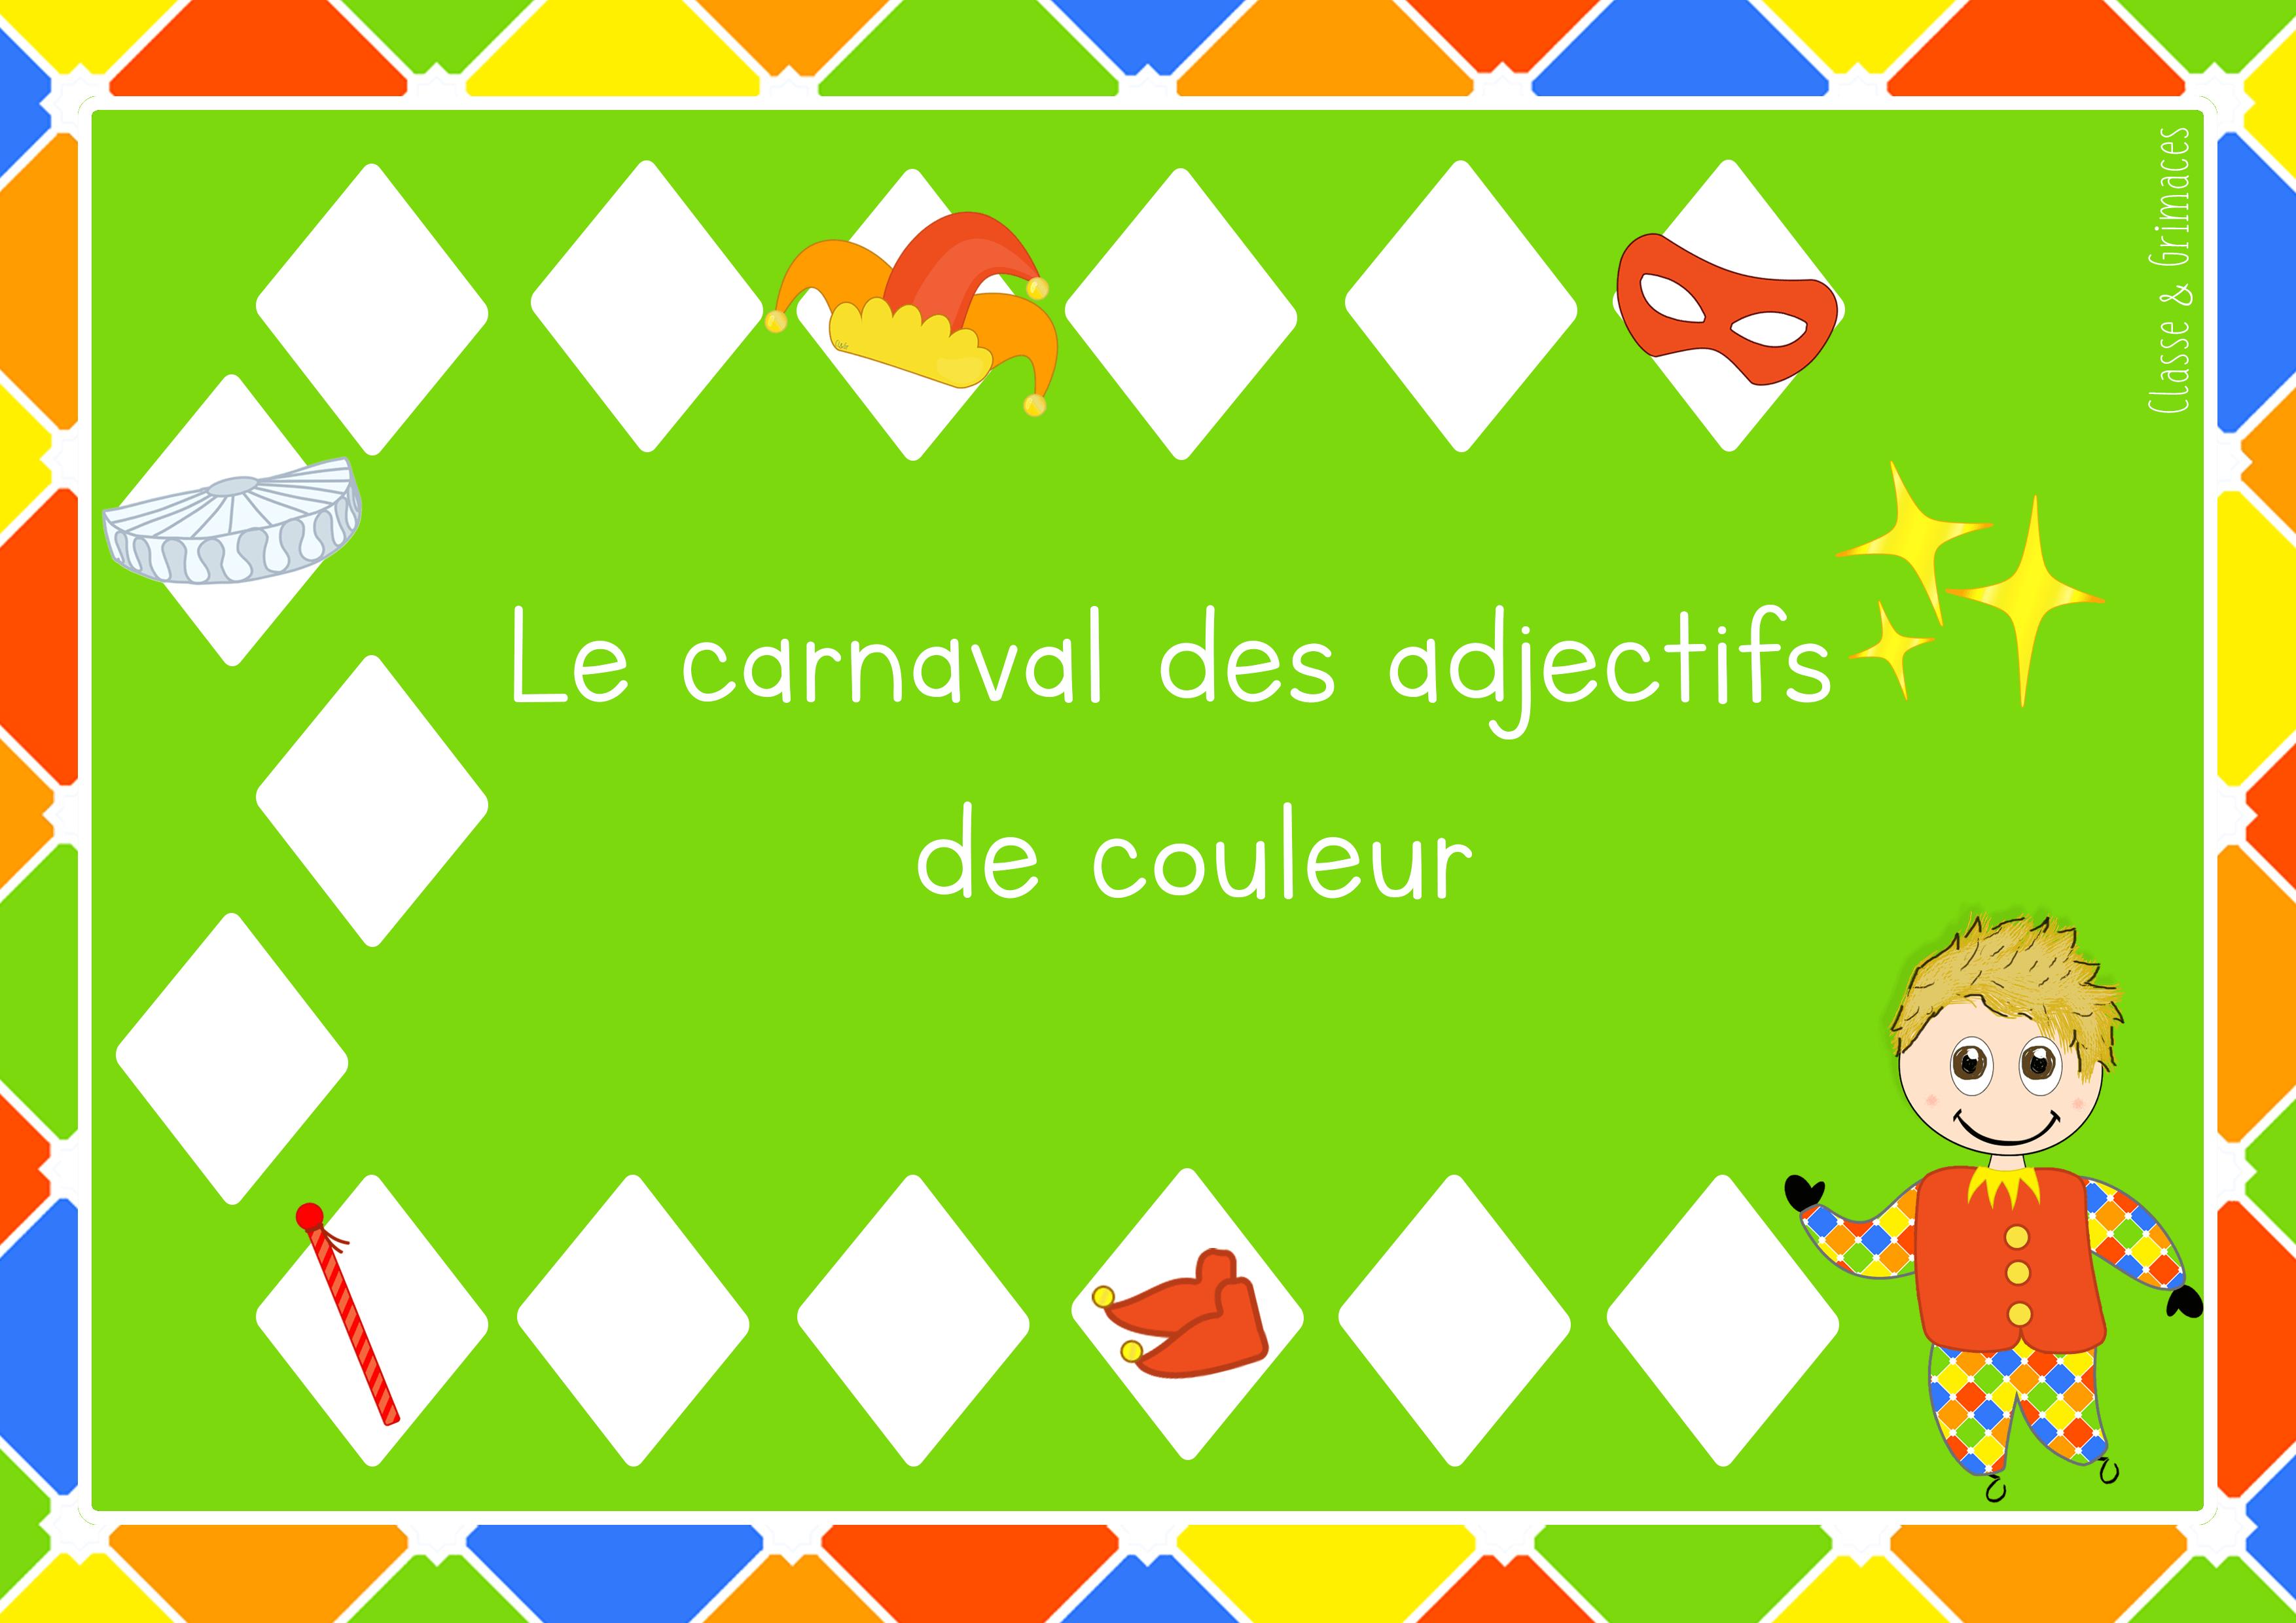 Atelier – Carnaval des adjectifs de couleur